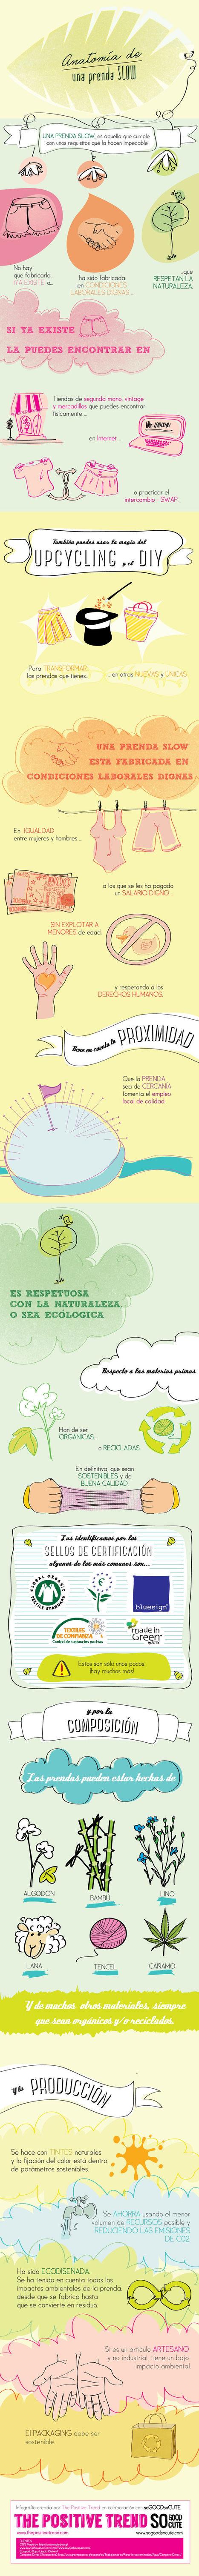 Anatomía de una prenda sostenible (slow) #infografia #infographic #medioambiente   El rincón de mferna   Scoop.it